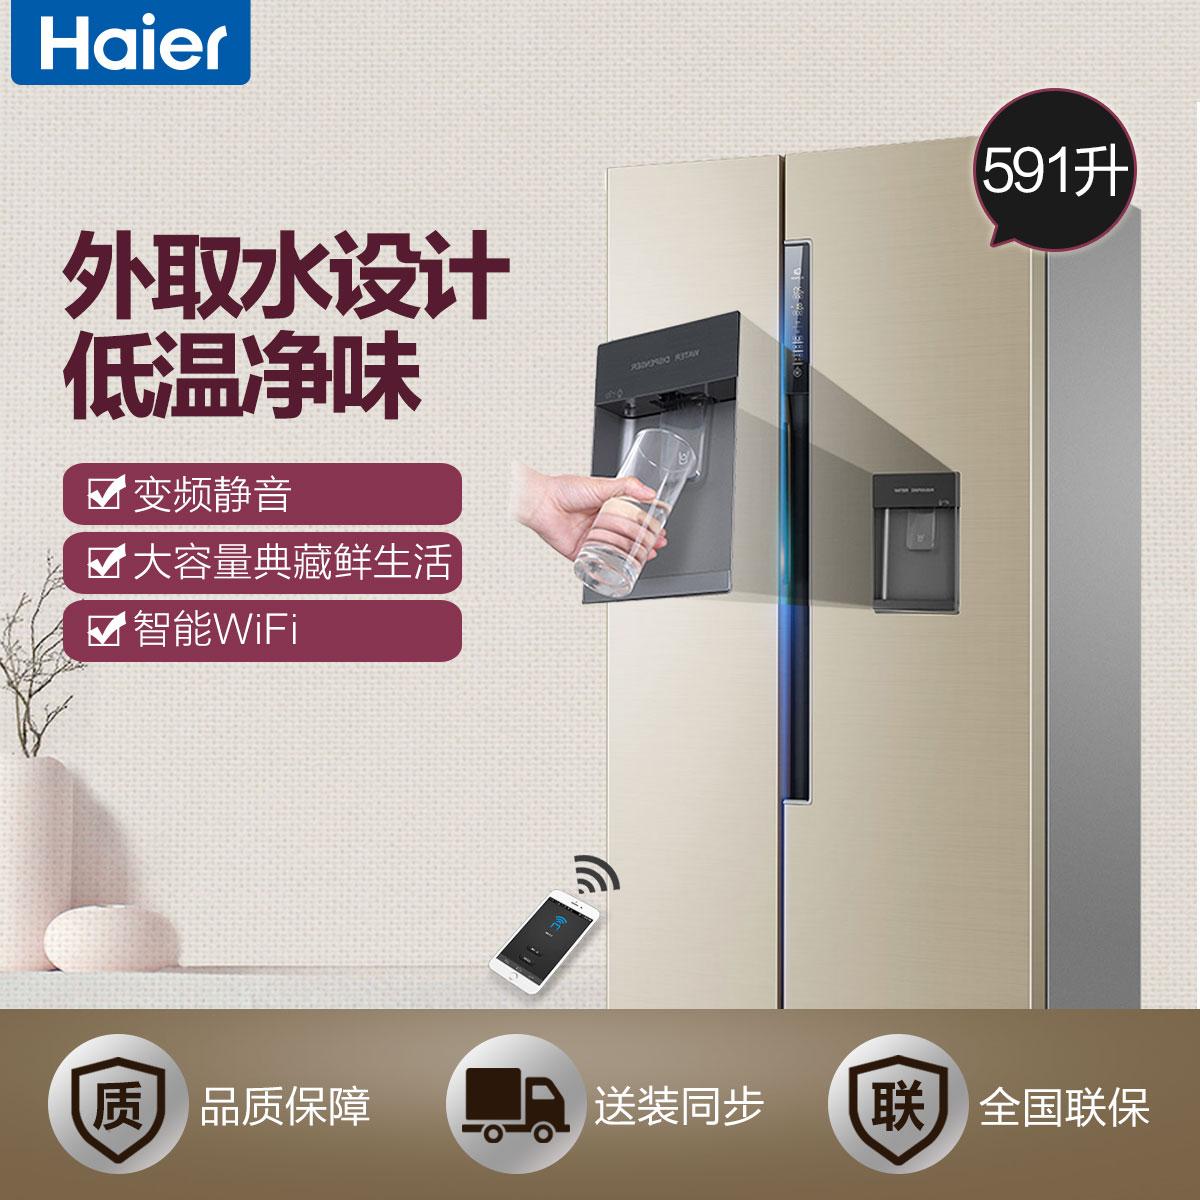 Haier/海尔 冰箱 BCD-591WDVLU1